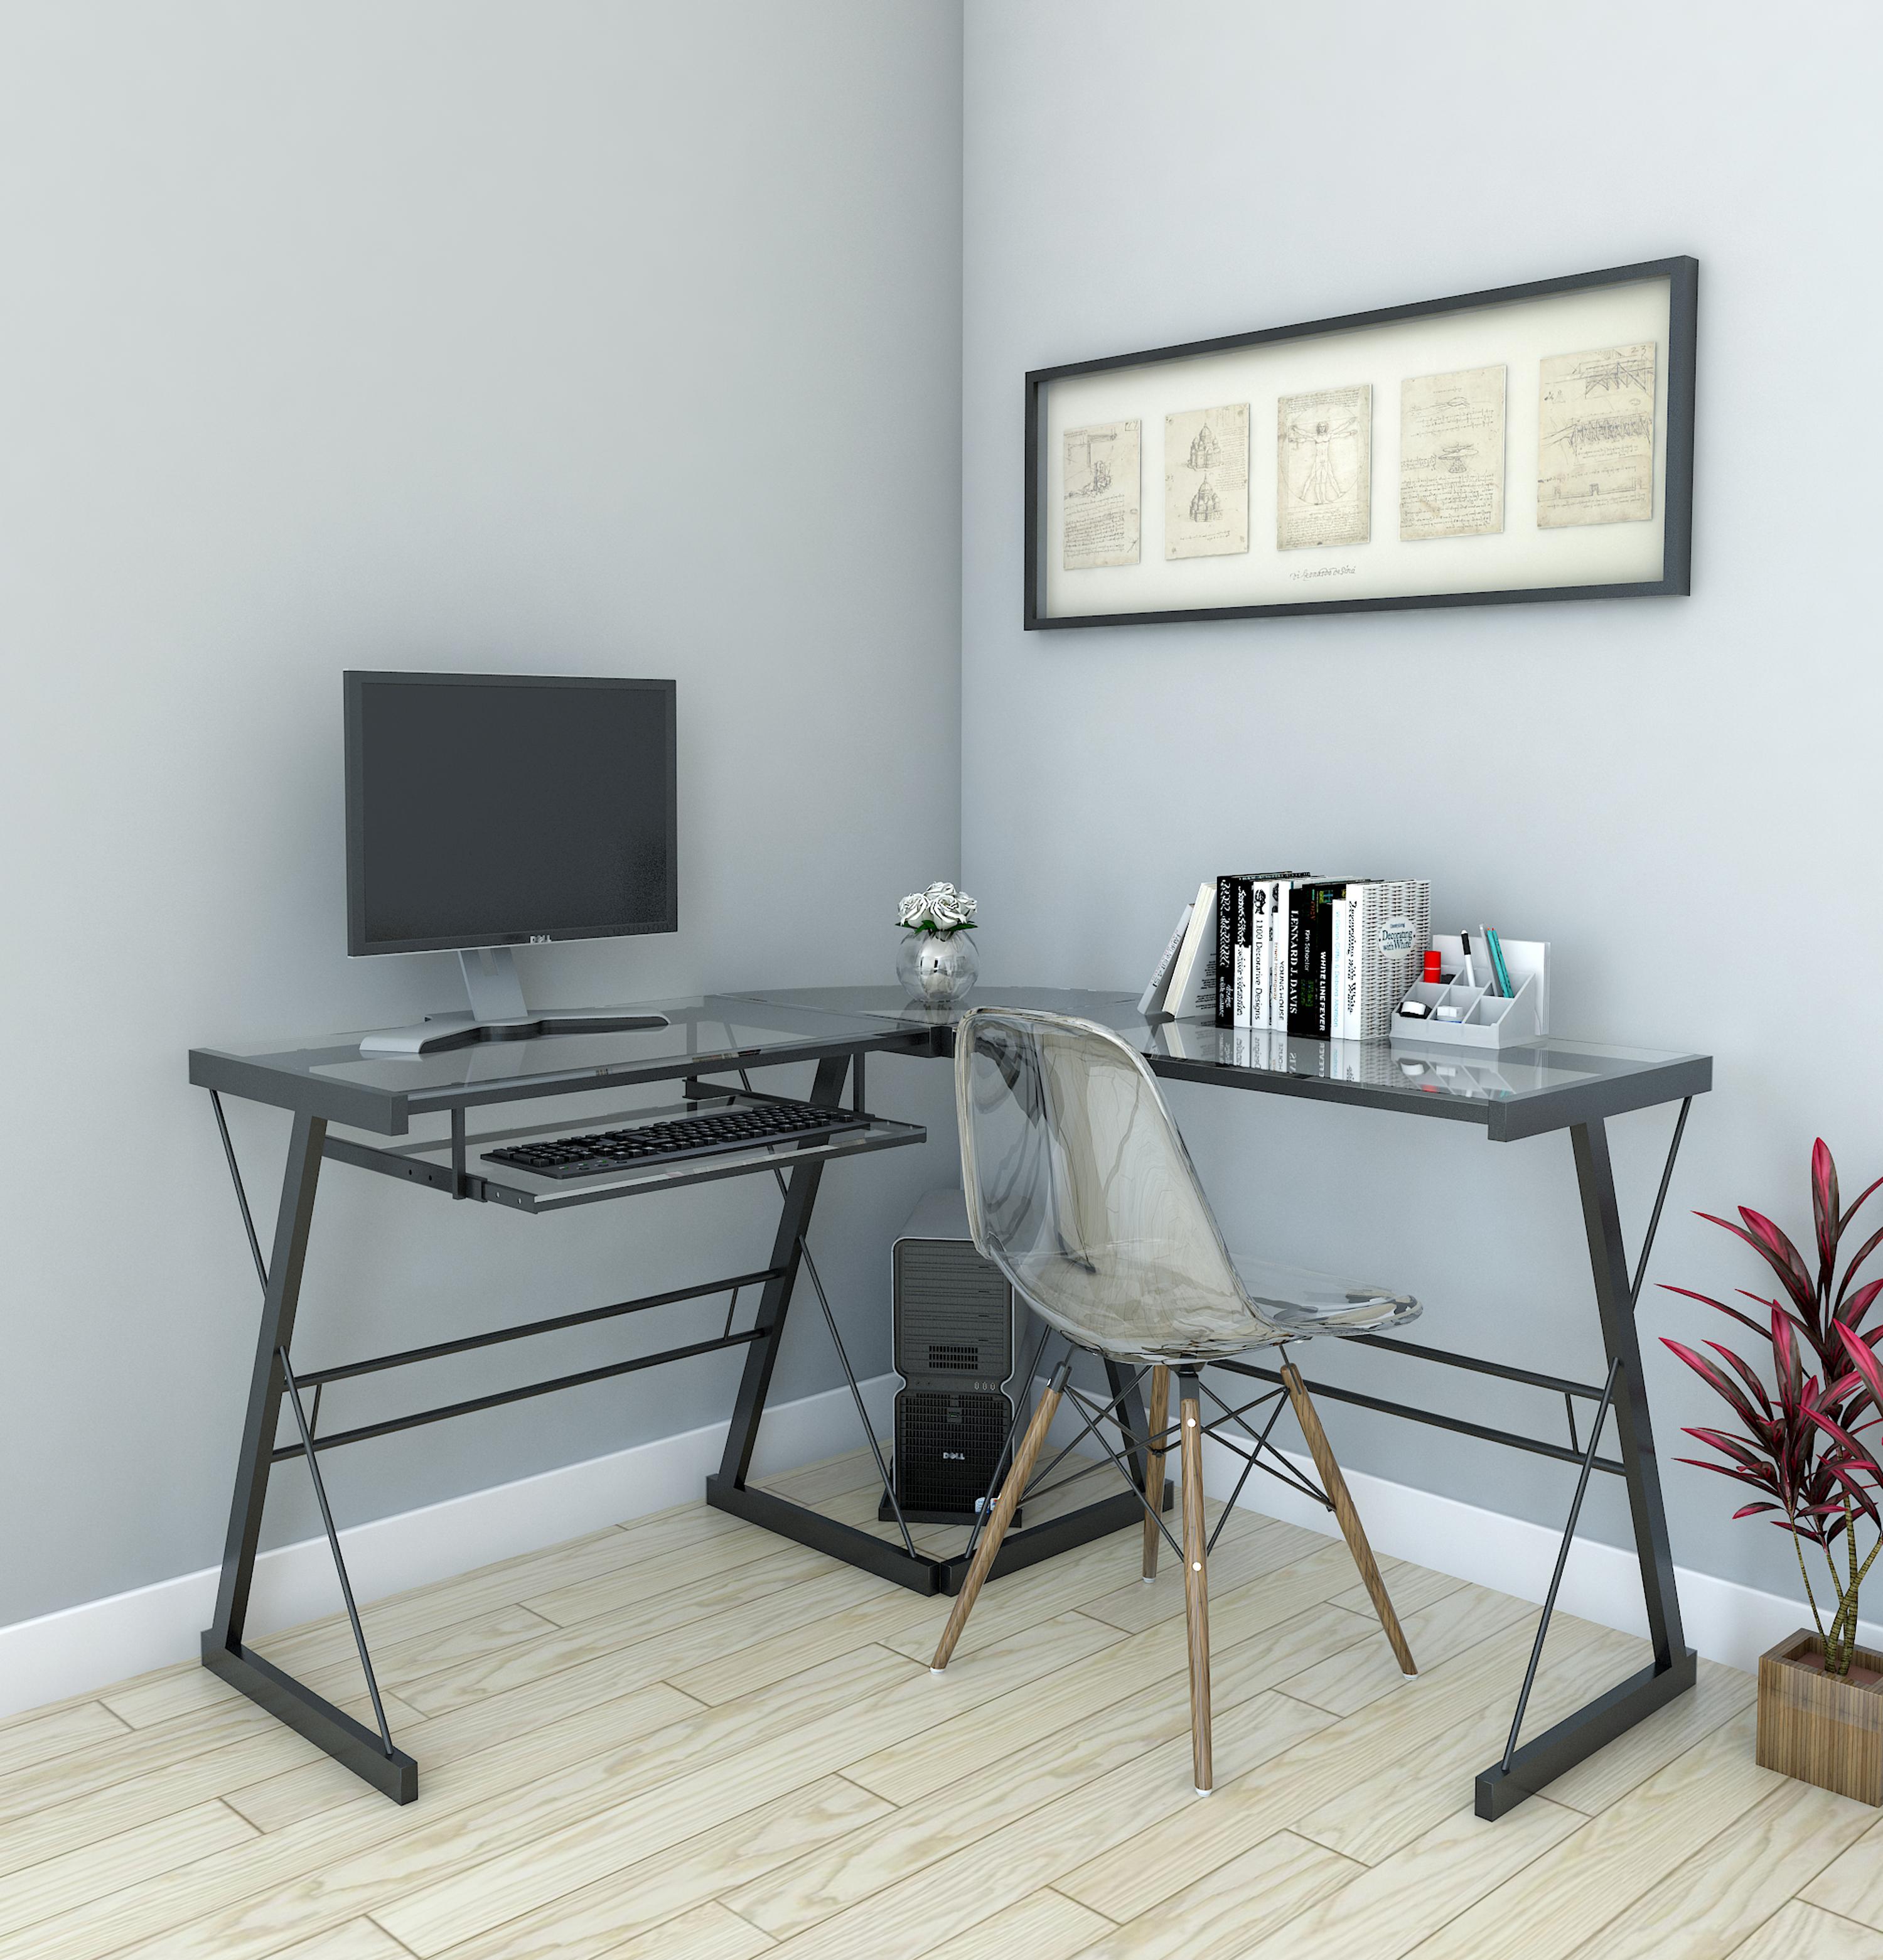 tables a decor product shaped computer l choix canac indoor en furniture desks desk home au